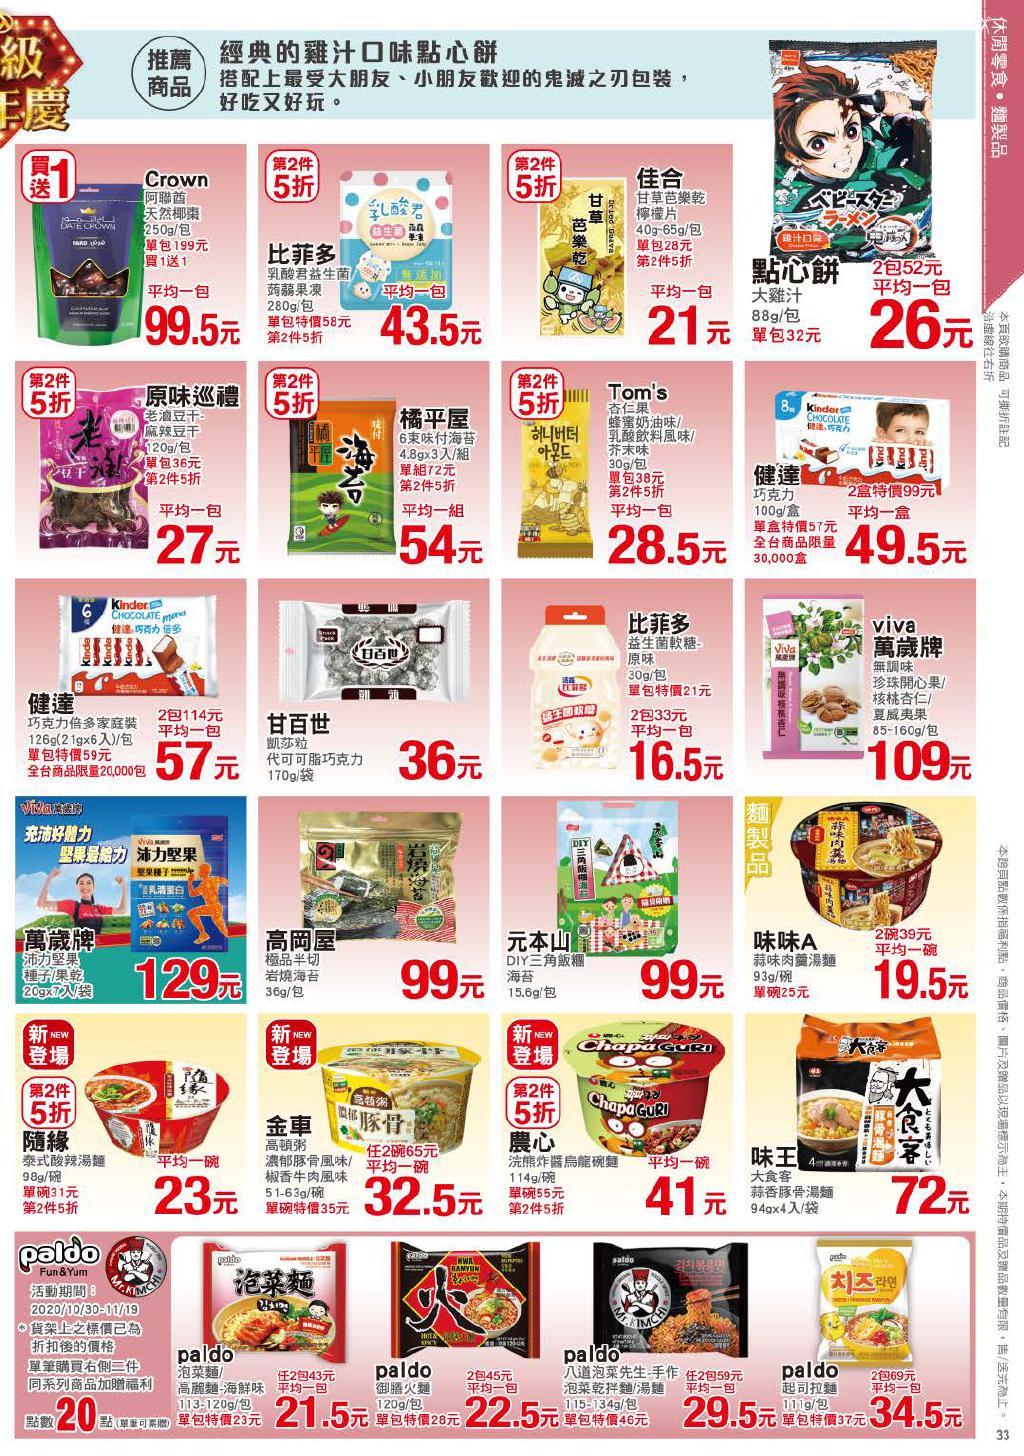 pxmart20201119_000033.jpg